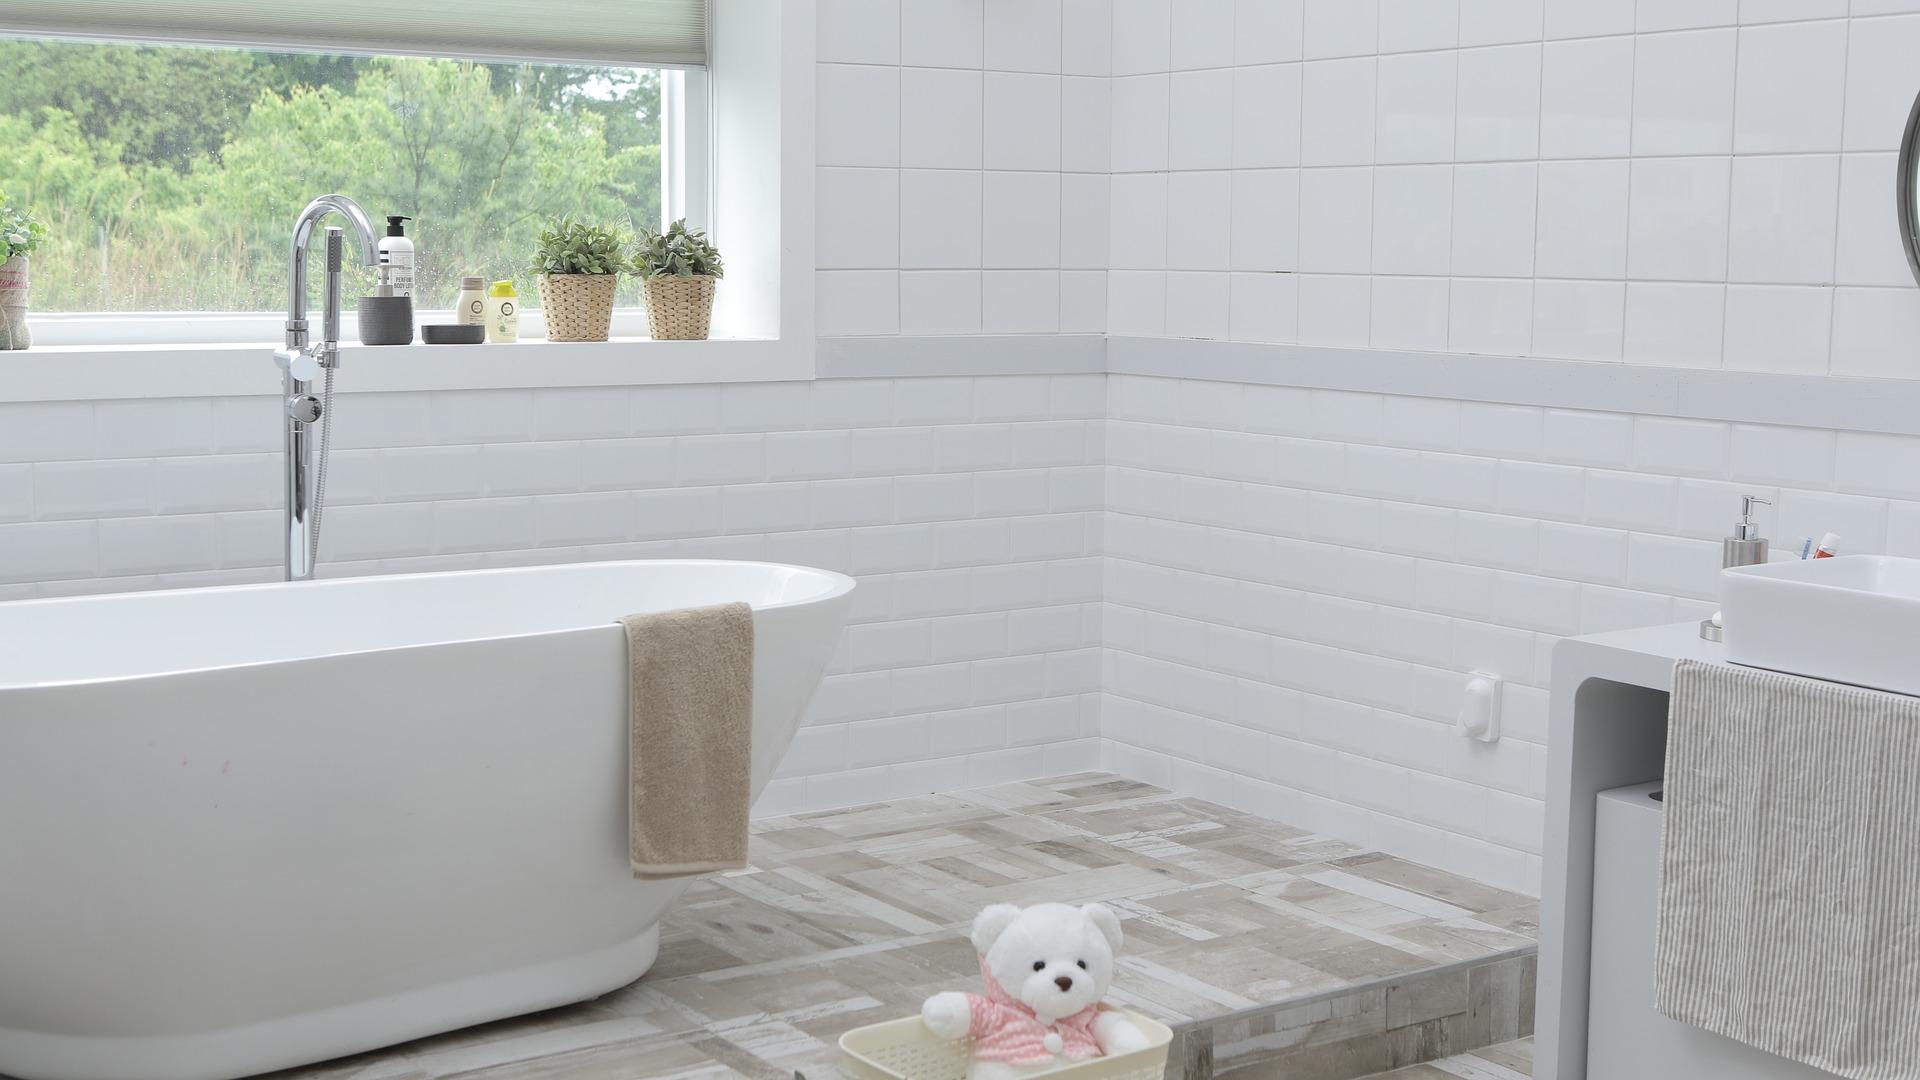 salle de bain - dechiara